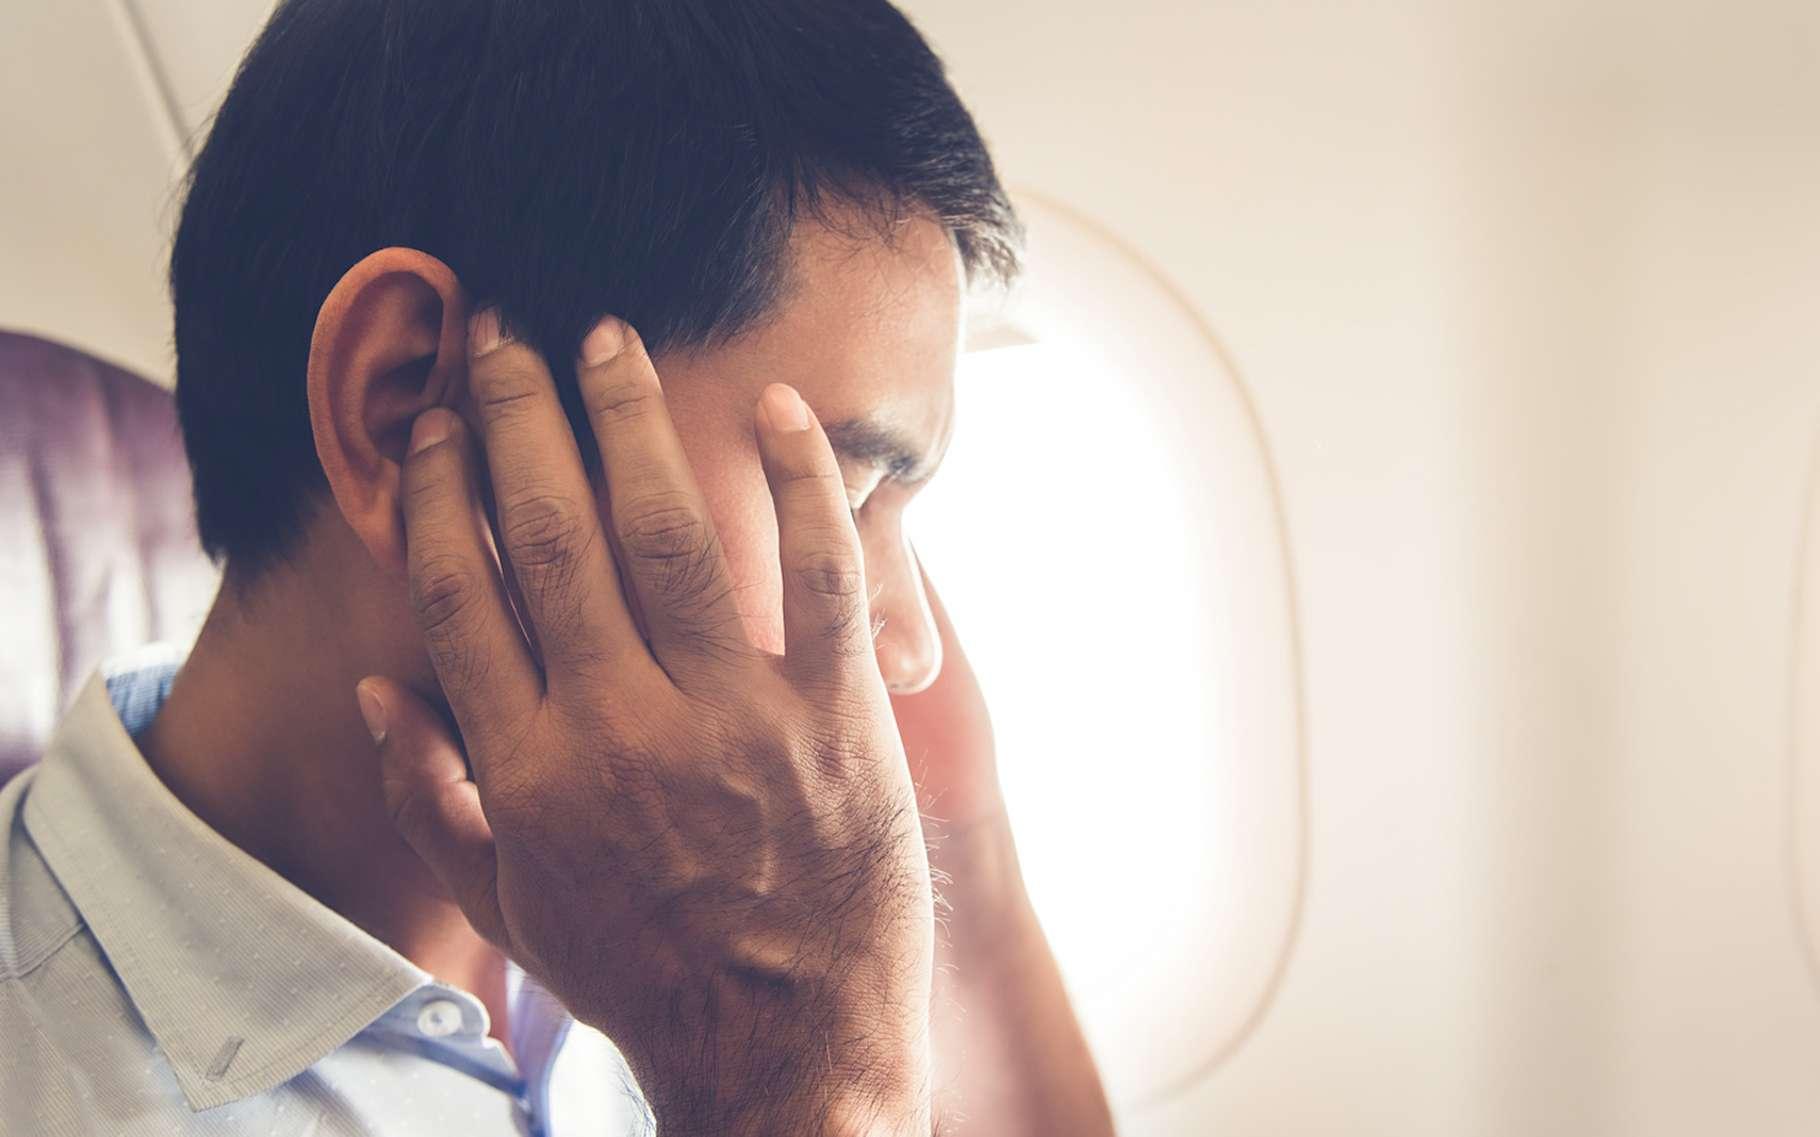 Prendre l'avion lorsque l'on souffre d'une otite est extrêmement douloureux. Et cela peut provoquer une déchirure du tympan. © kritchanut, Fotolia